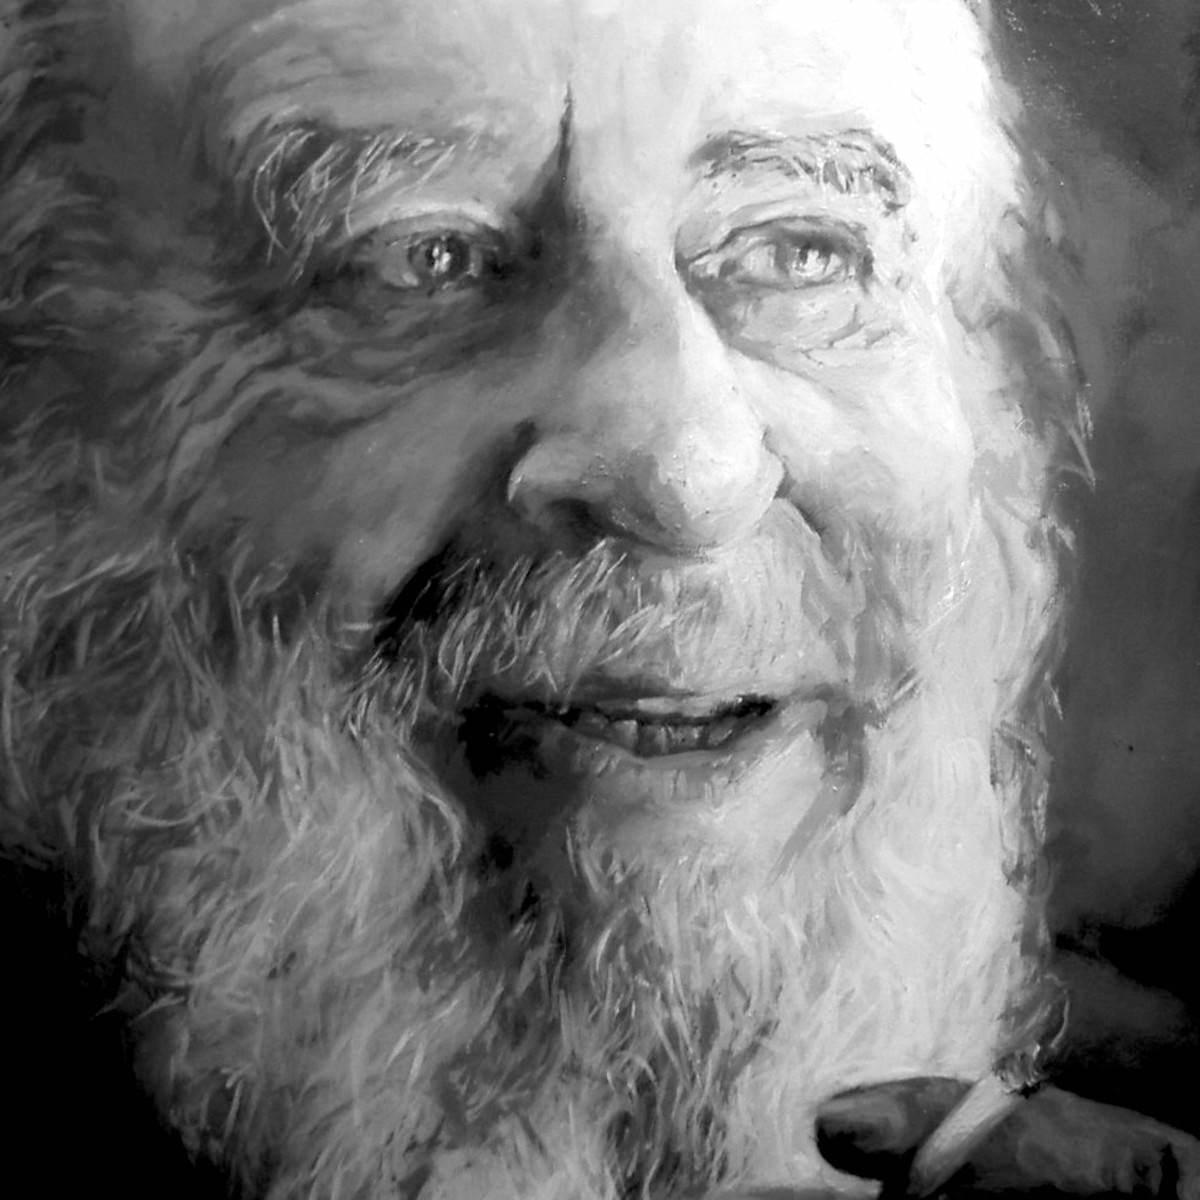 El psicólogo Fritz Perls, cofundador de la escuela de terapia Gestalt, aplicable al síndrome de Asperger.